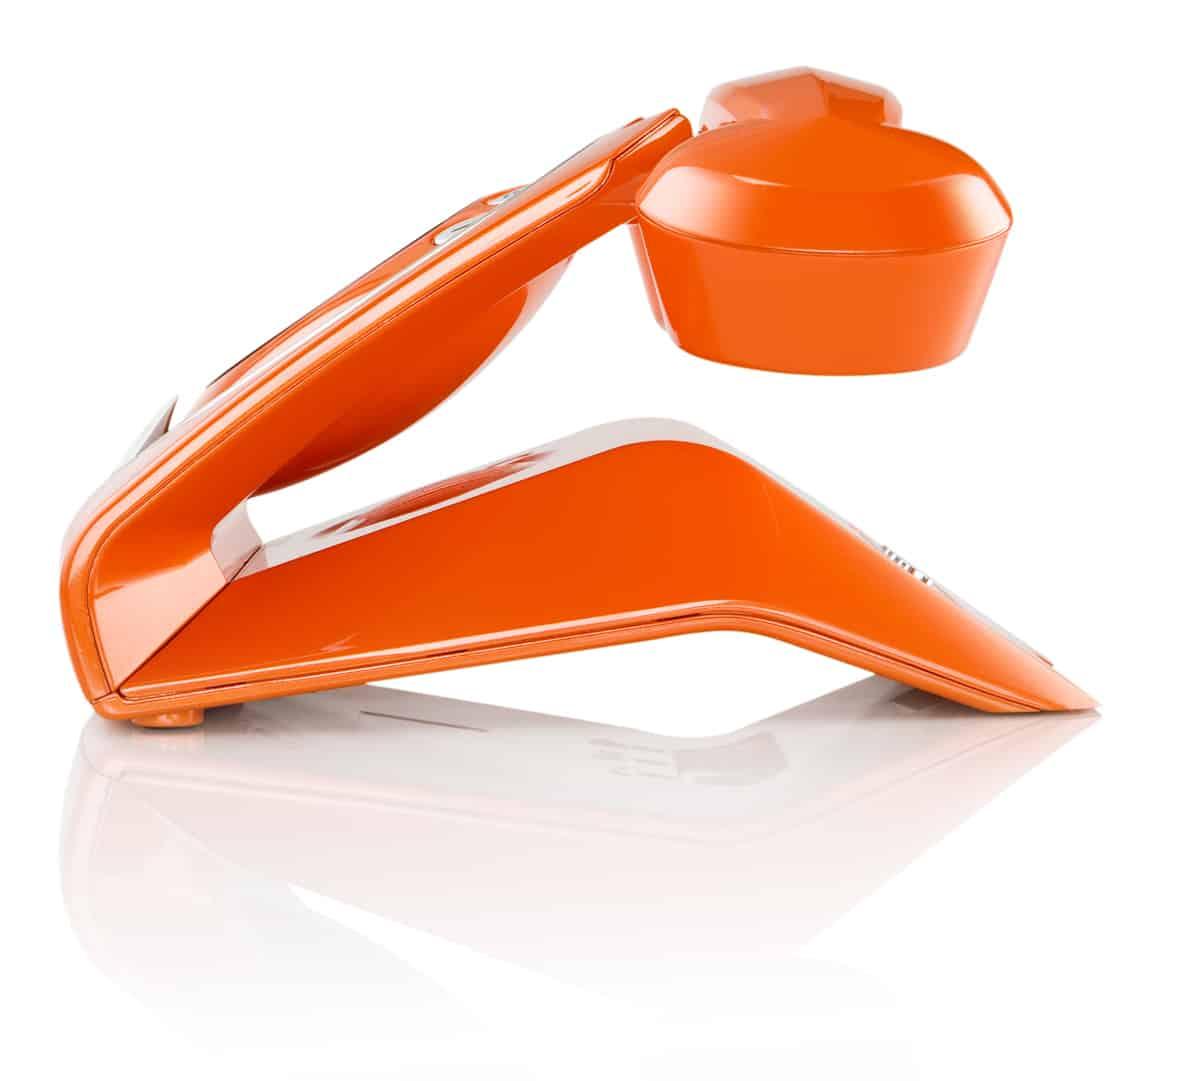 Sagemcom Sixty Cordless Telephone Orange Side